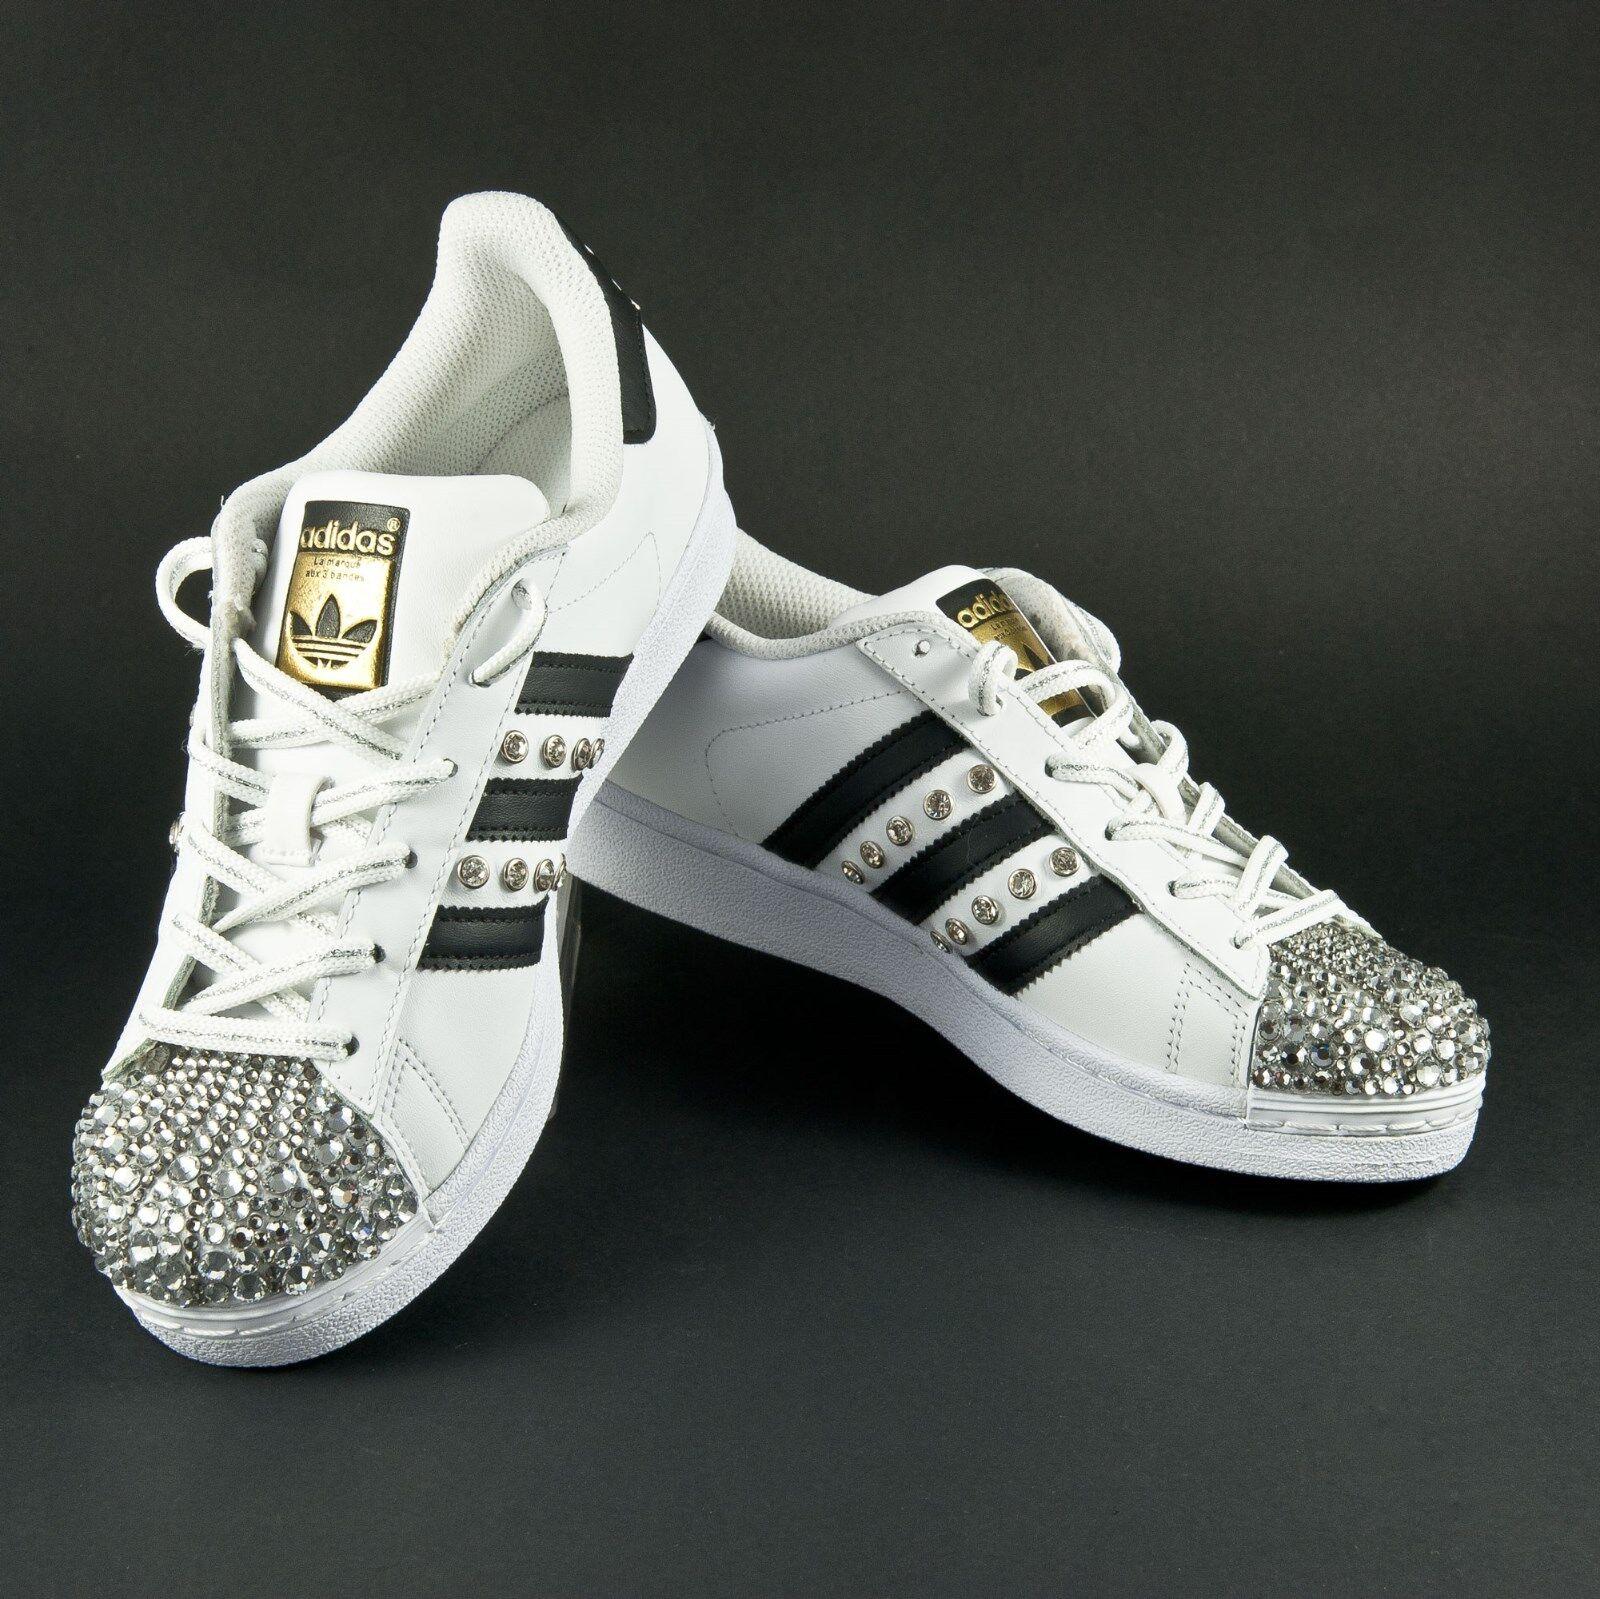 zapatos adidas superstar con con con swarosky e puntale con cristalli  toma